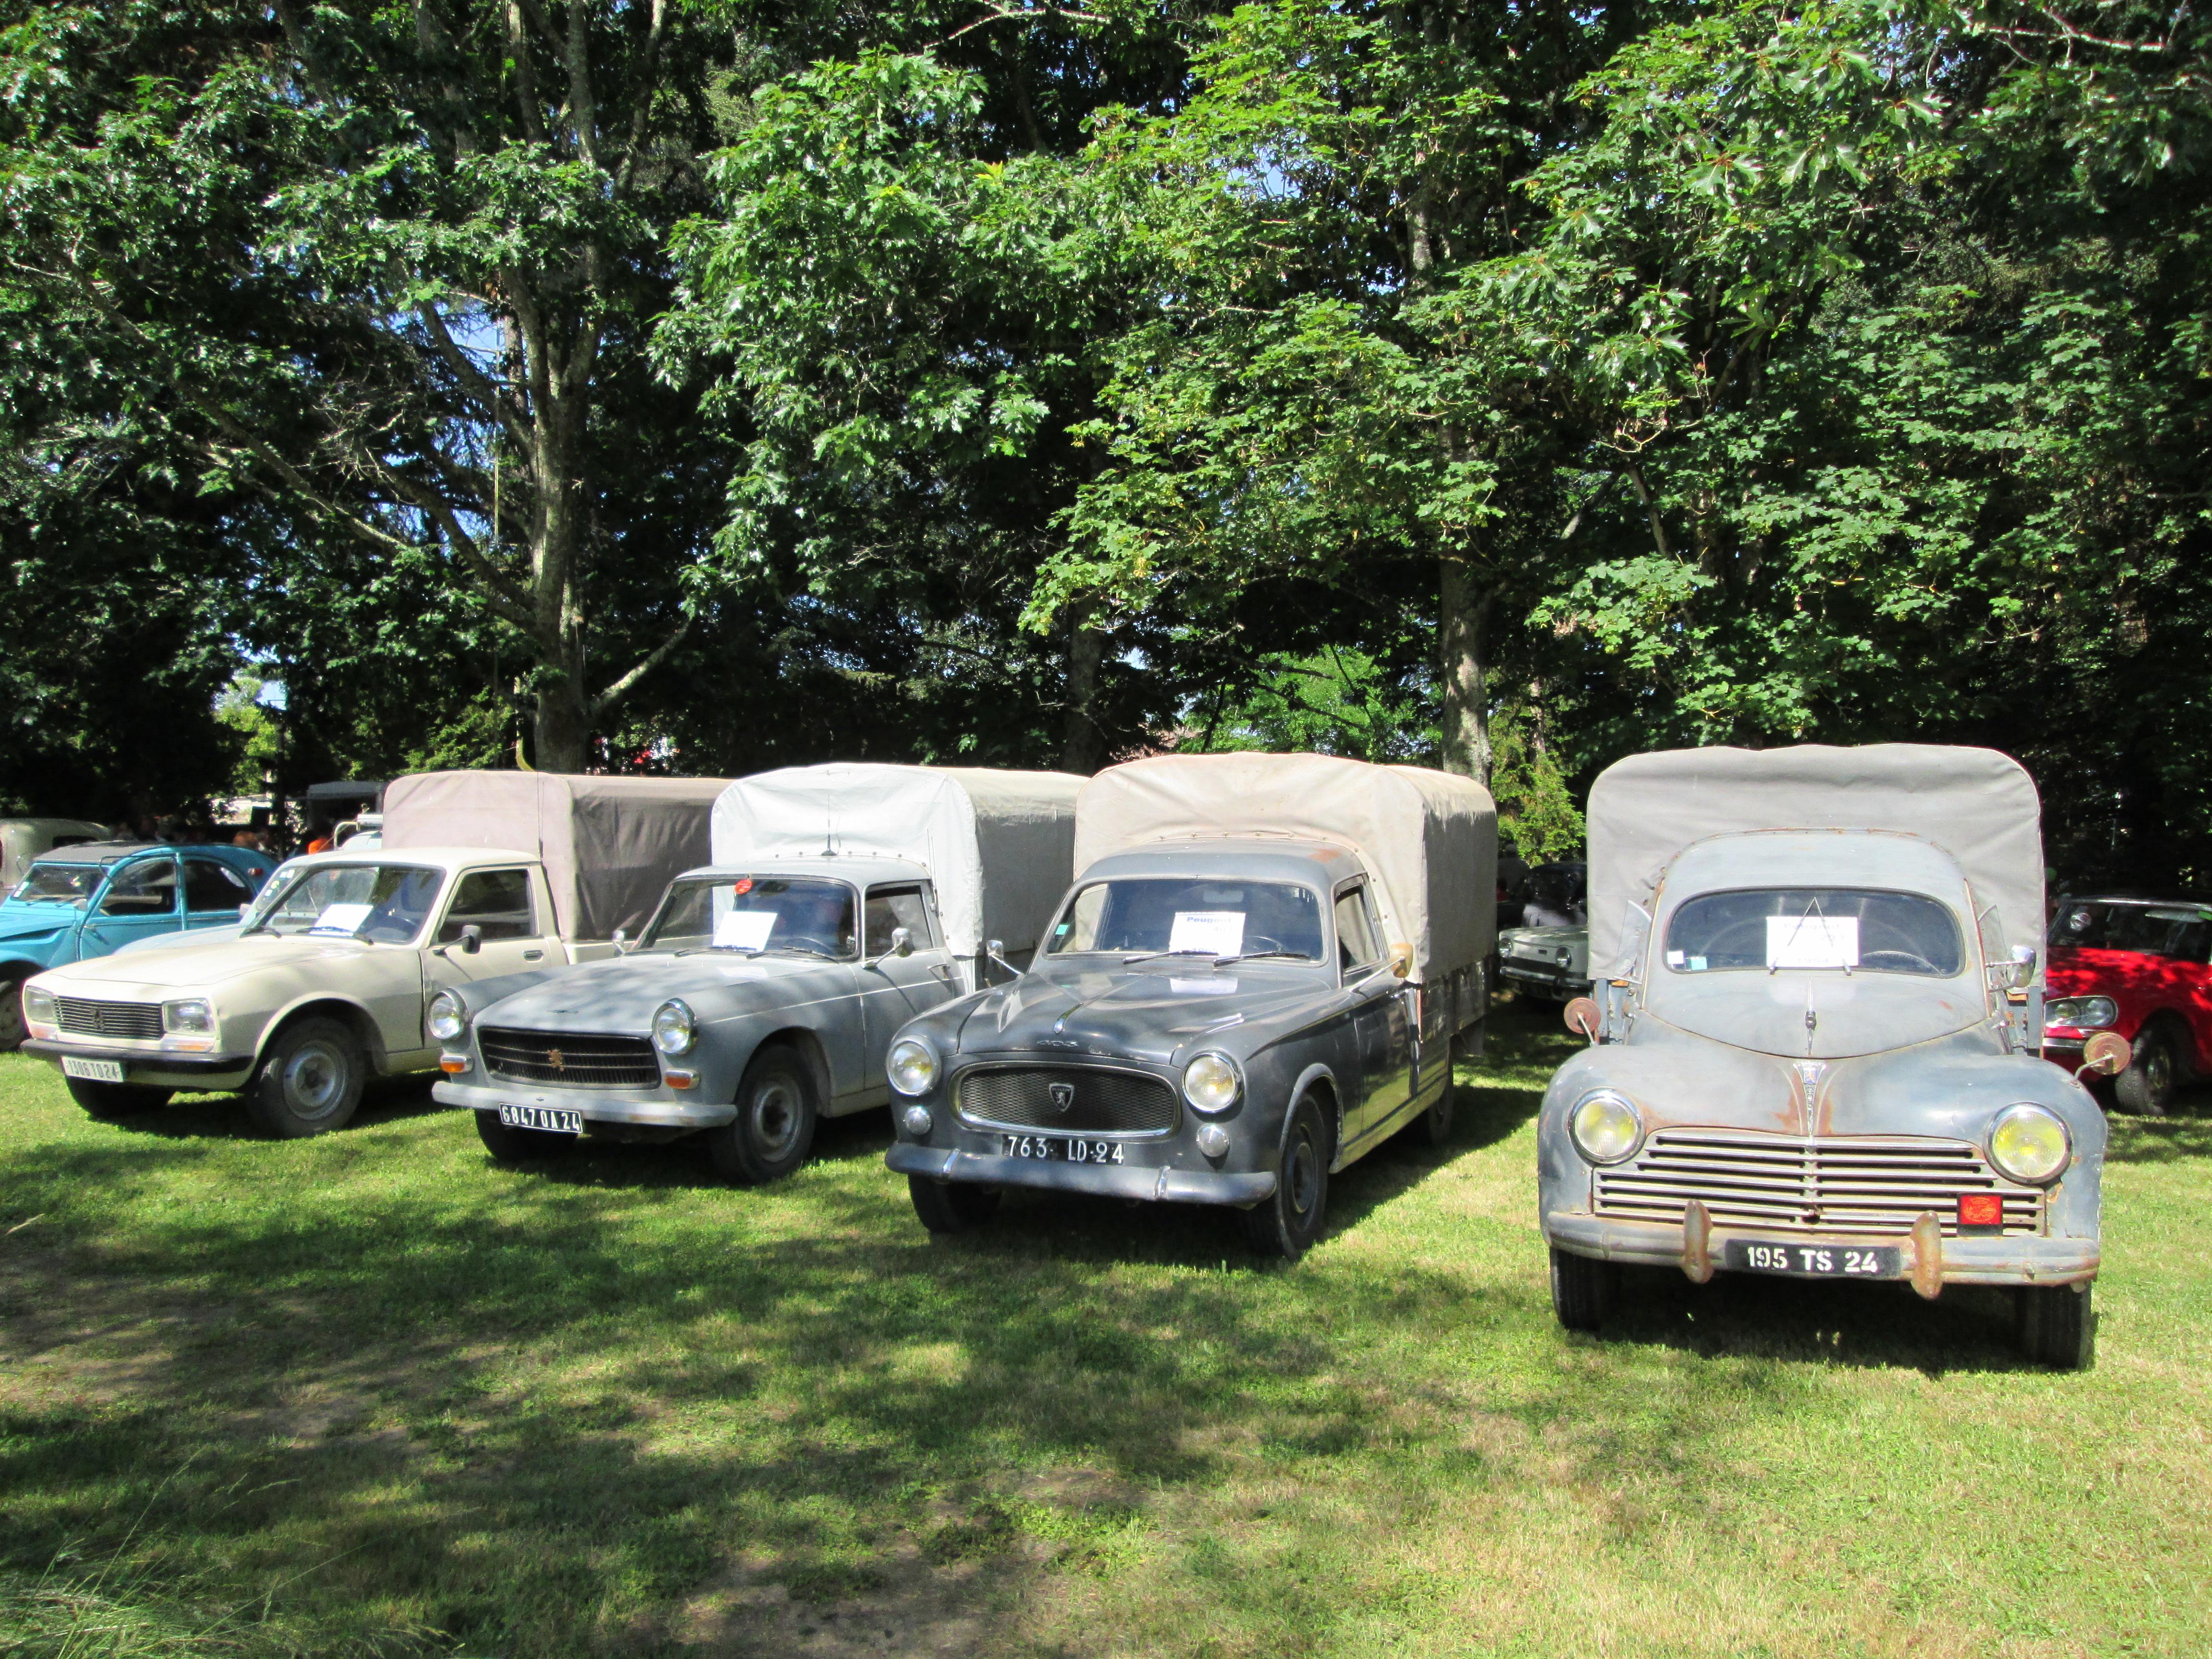 File Peugeot Pickup 504 404 403 Et 203 Jpg Wikimedia Commons